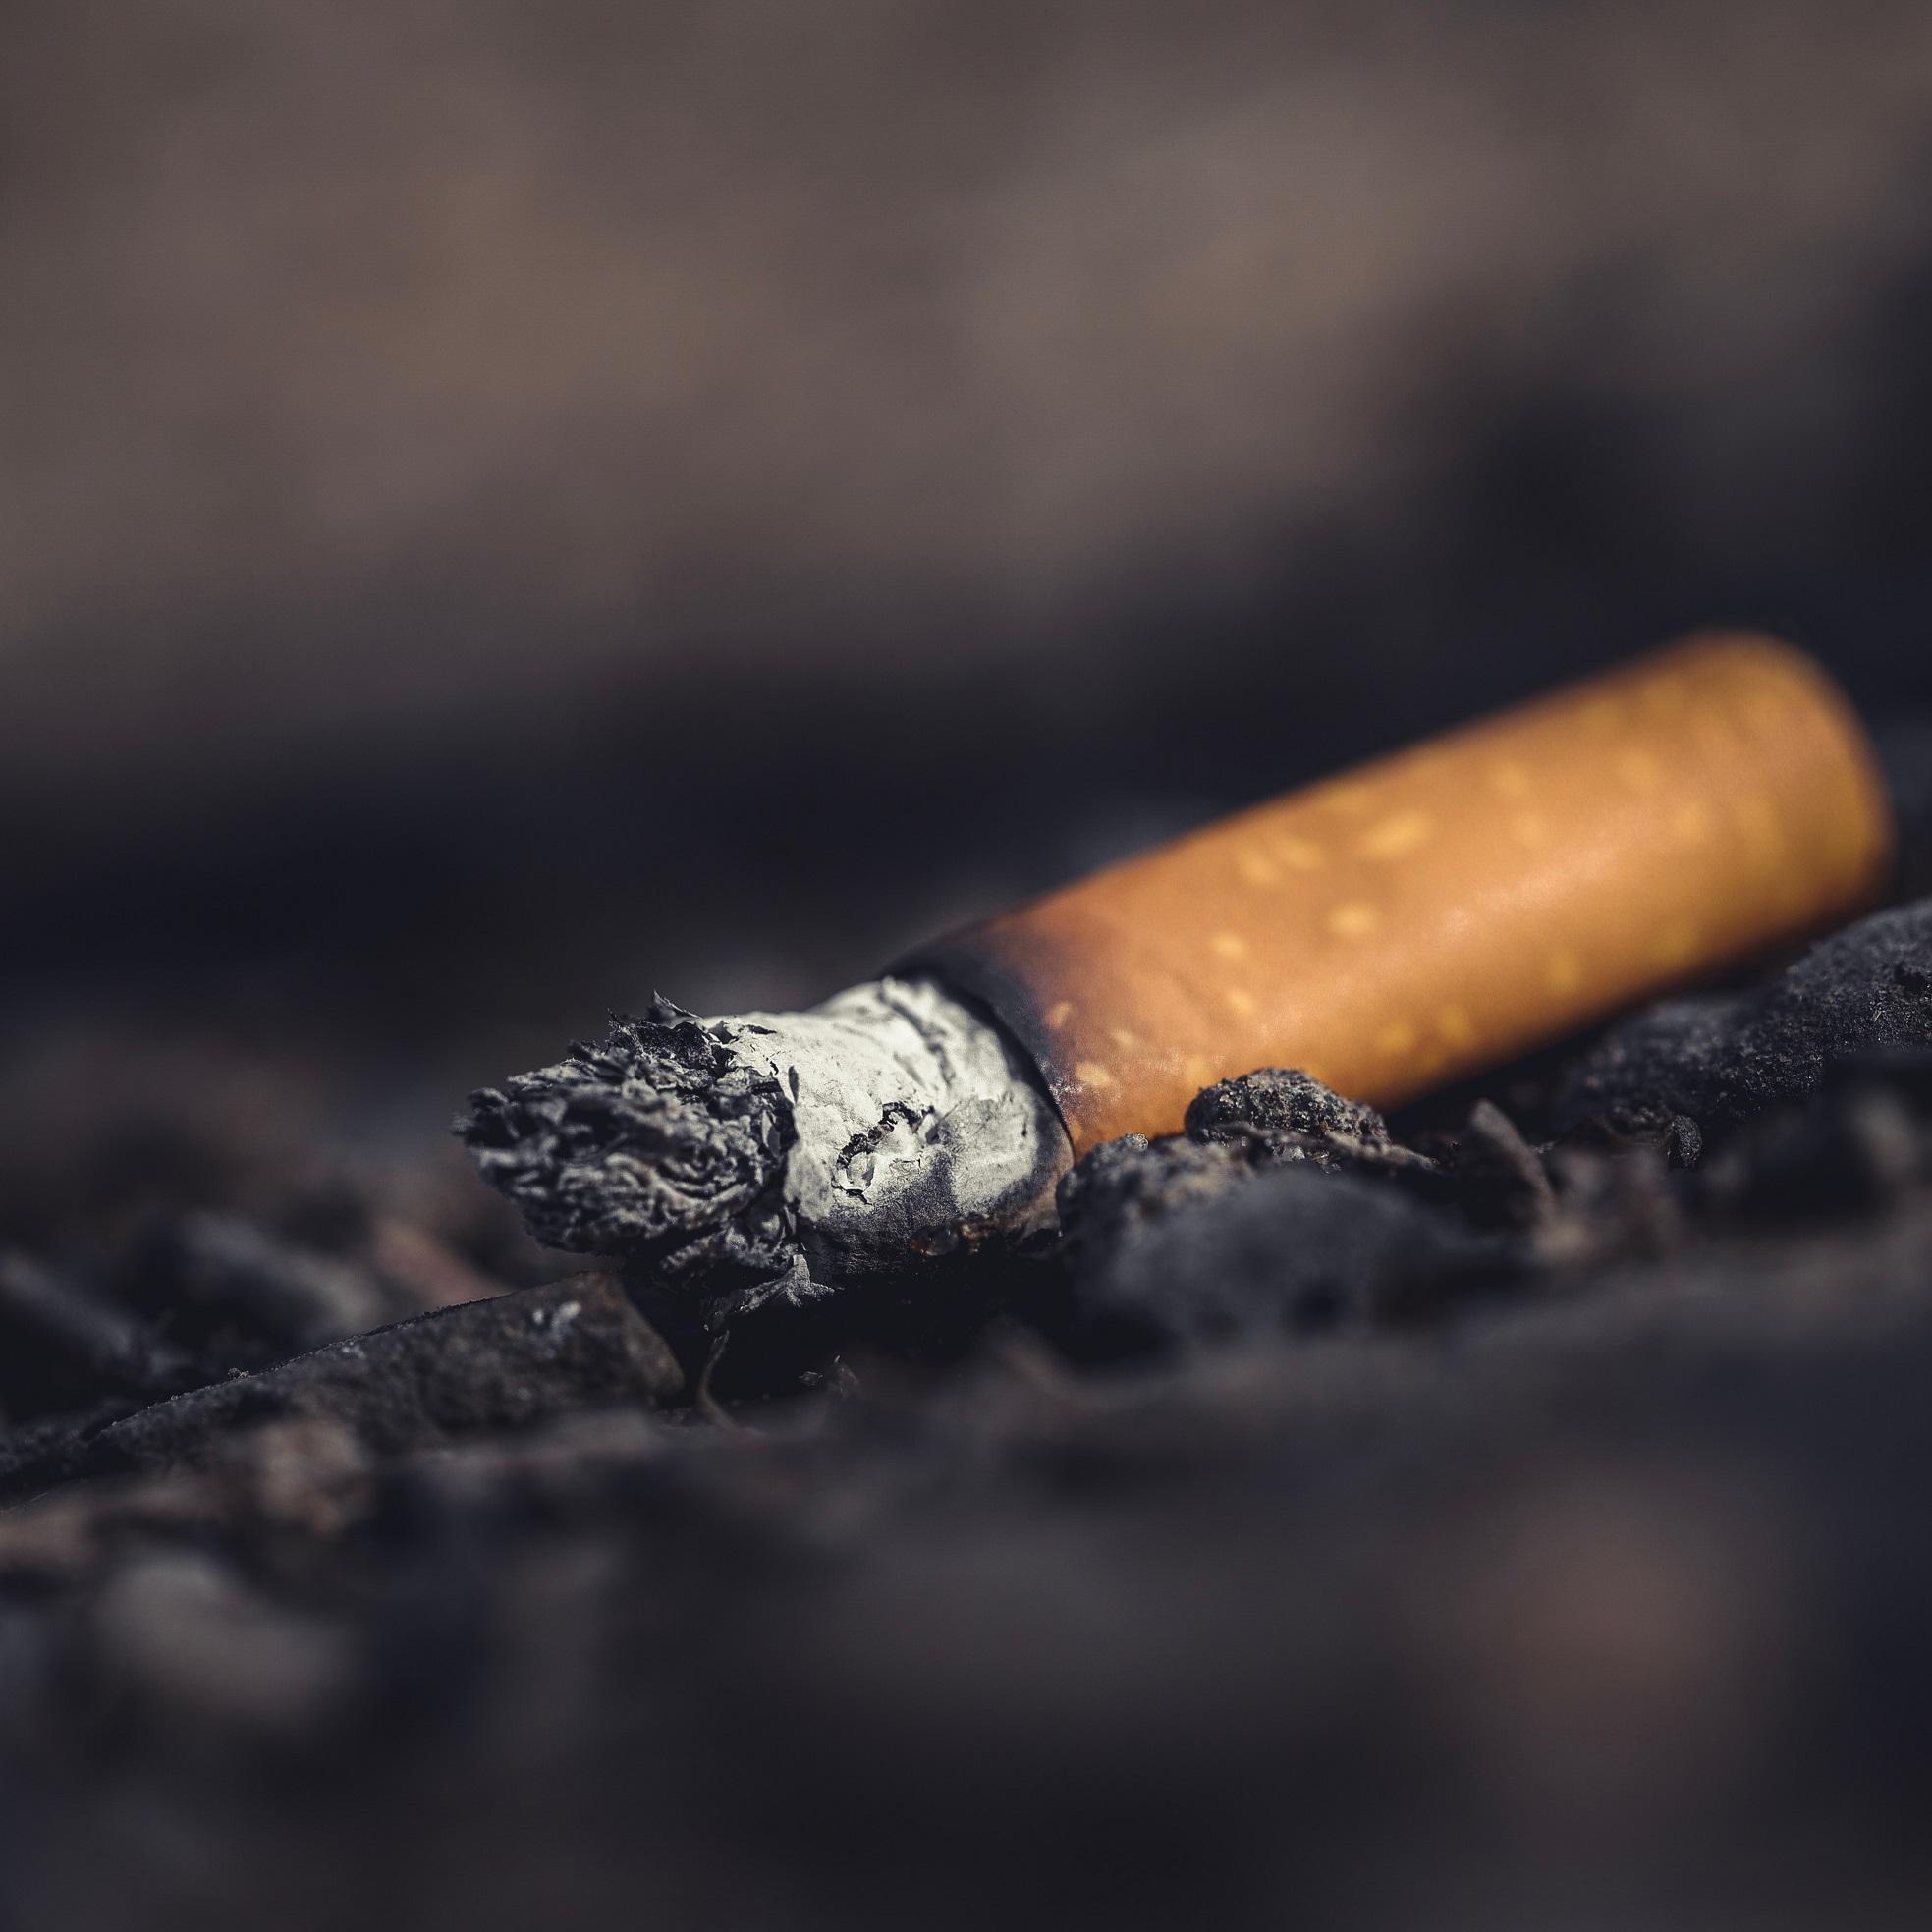 סיגריות נגד הטבע